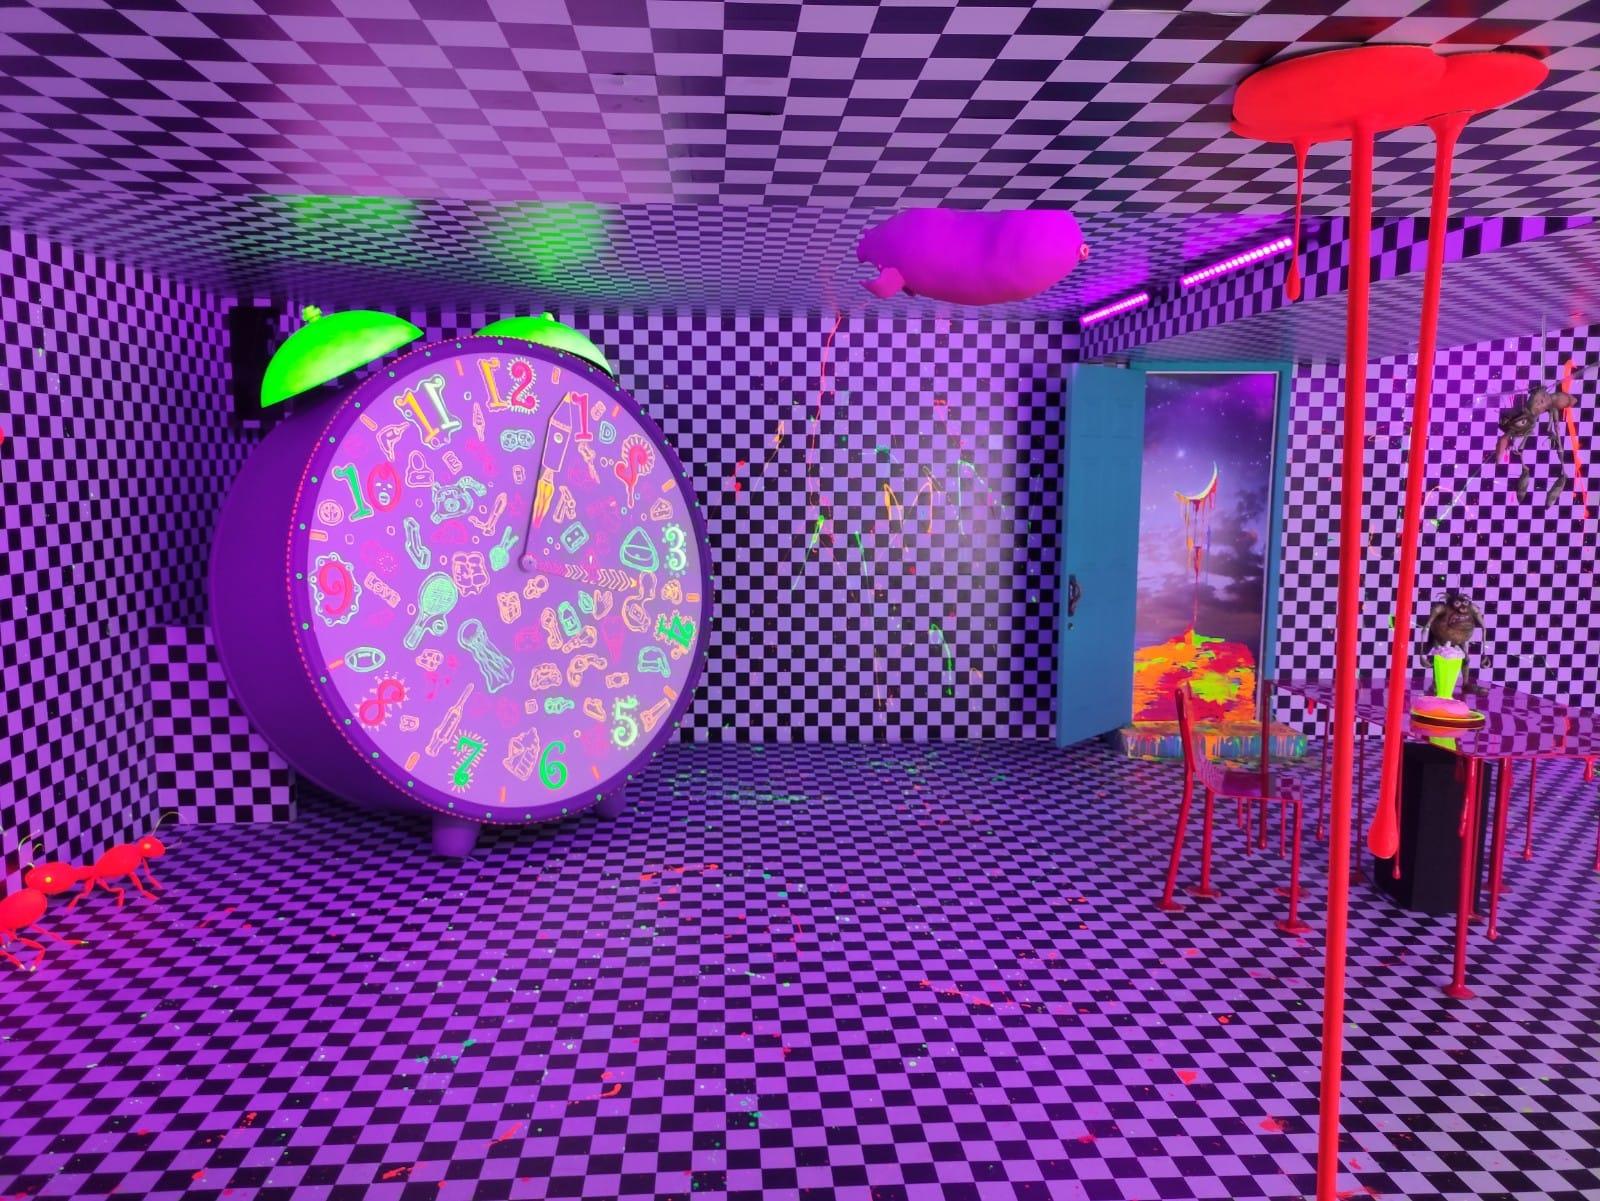 LG muestra el poder de sus XBOOM en Fantasy Lab de CDMX